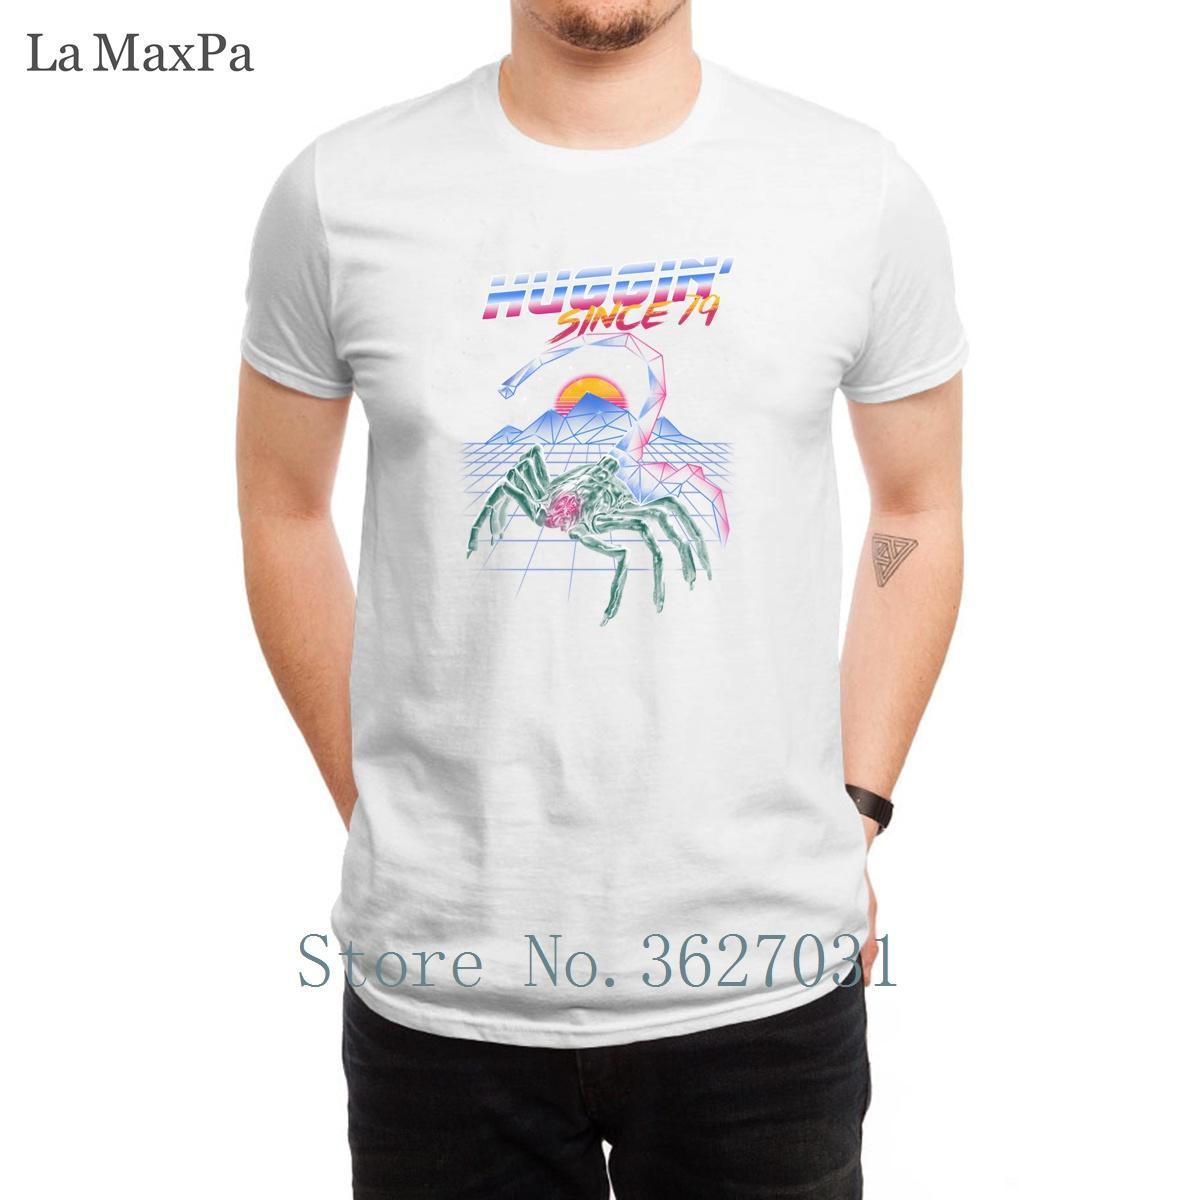 '79 erkek Tişörtlü Sloganı İlkbahar Sonbahar Tee Gömlek Man Daha yana Tasarımcı Doğal sarılıyordum S-3XL erkek Grafik